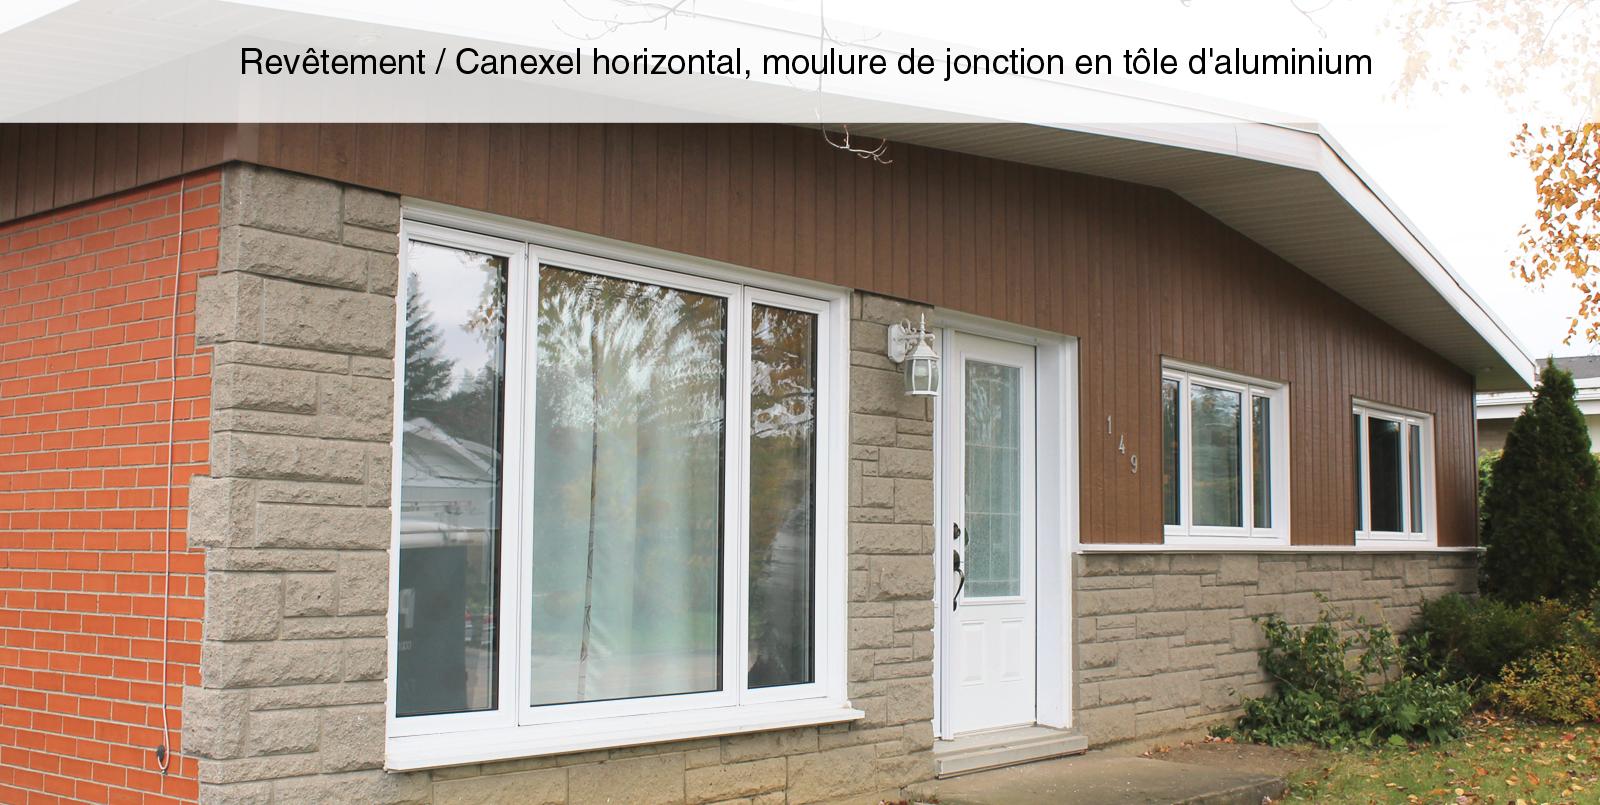 62-1-PANACHE-CONSTRUCTION-RENOVATION-REVETEMENT-EXTERIEUR-CANEXEL